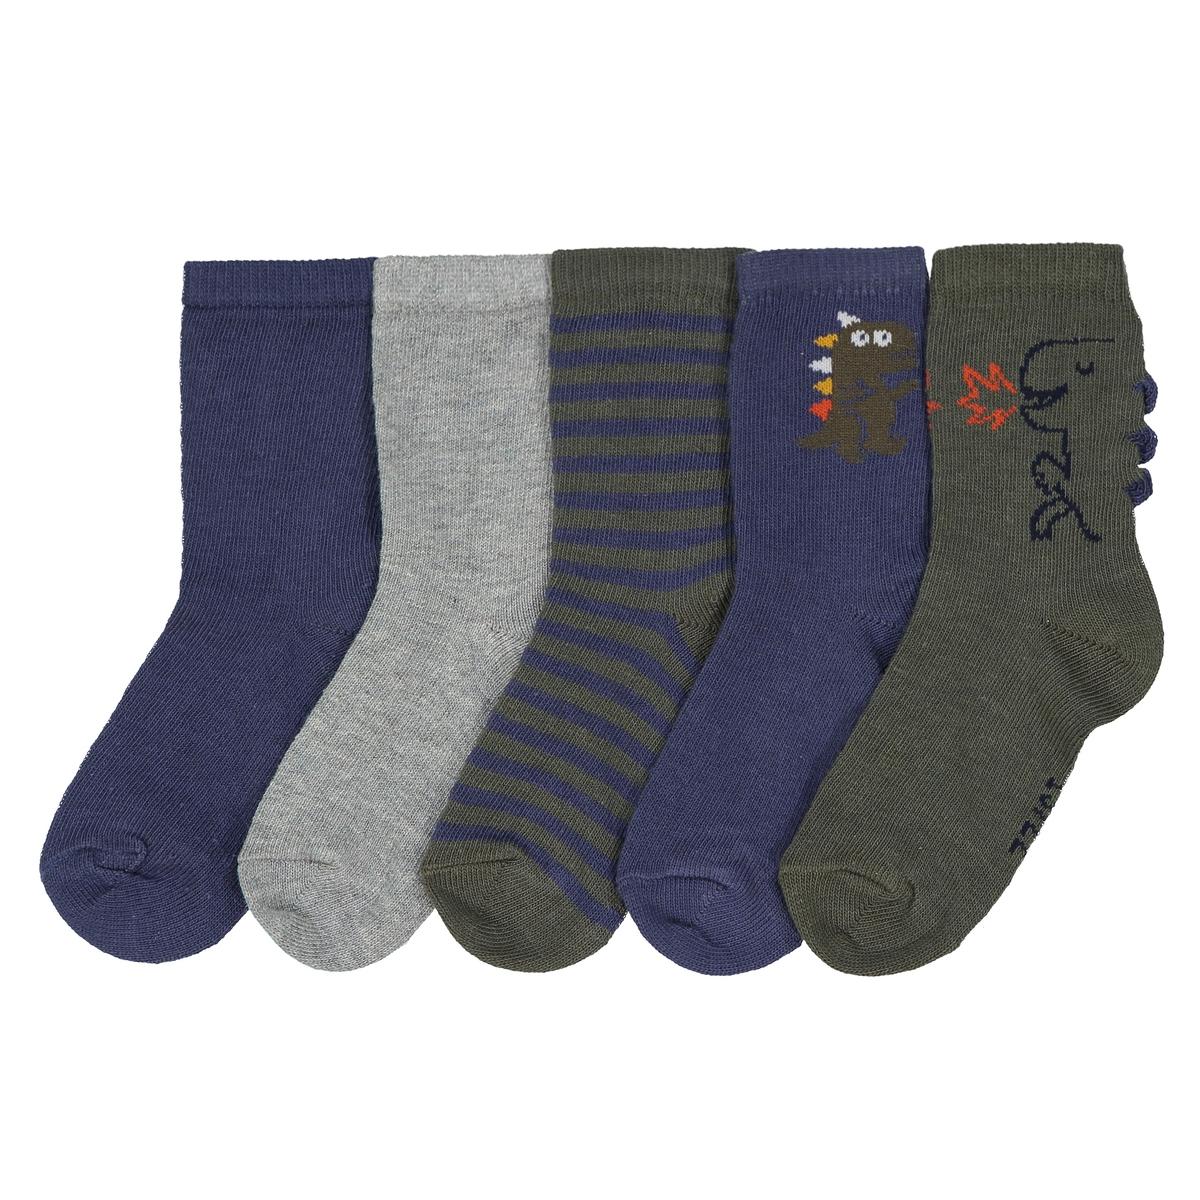 Комплект из 5 пар оригинальных носков 15/18-23/26 комплект из 4 пар носков размеры 15 18 23 26